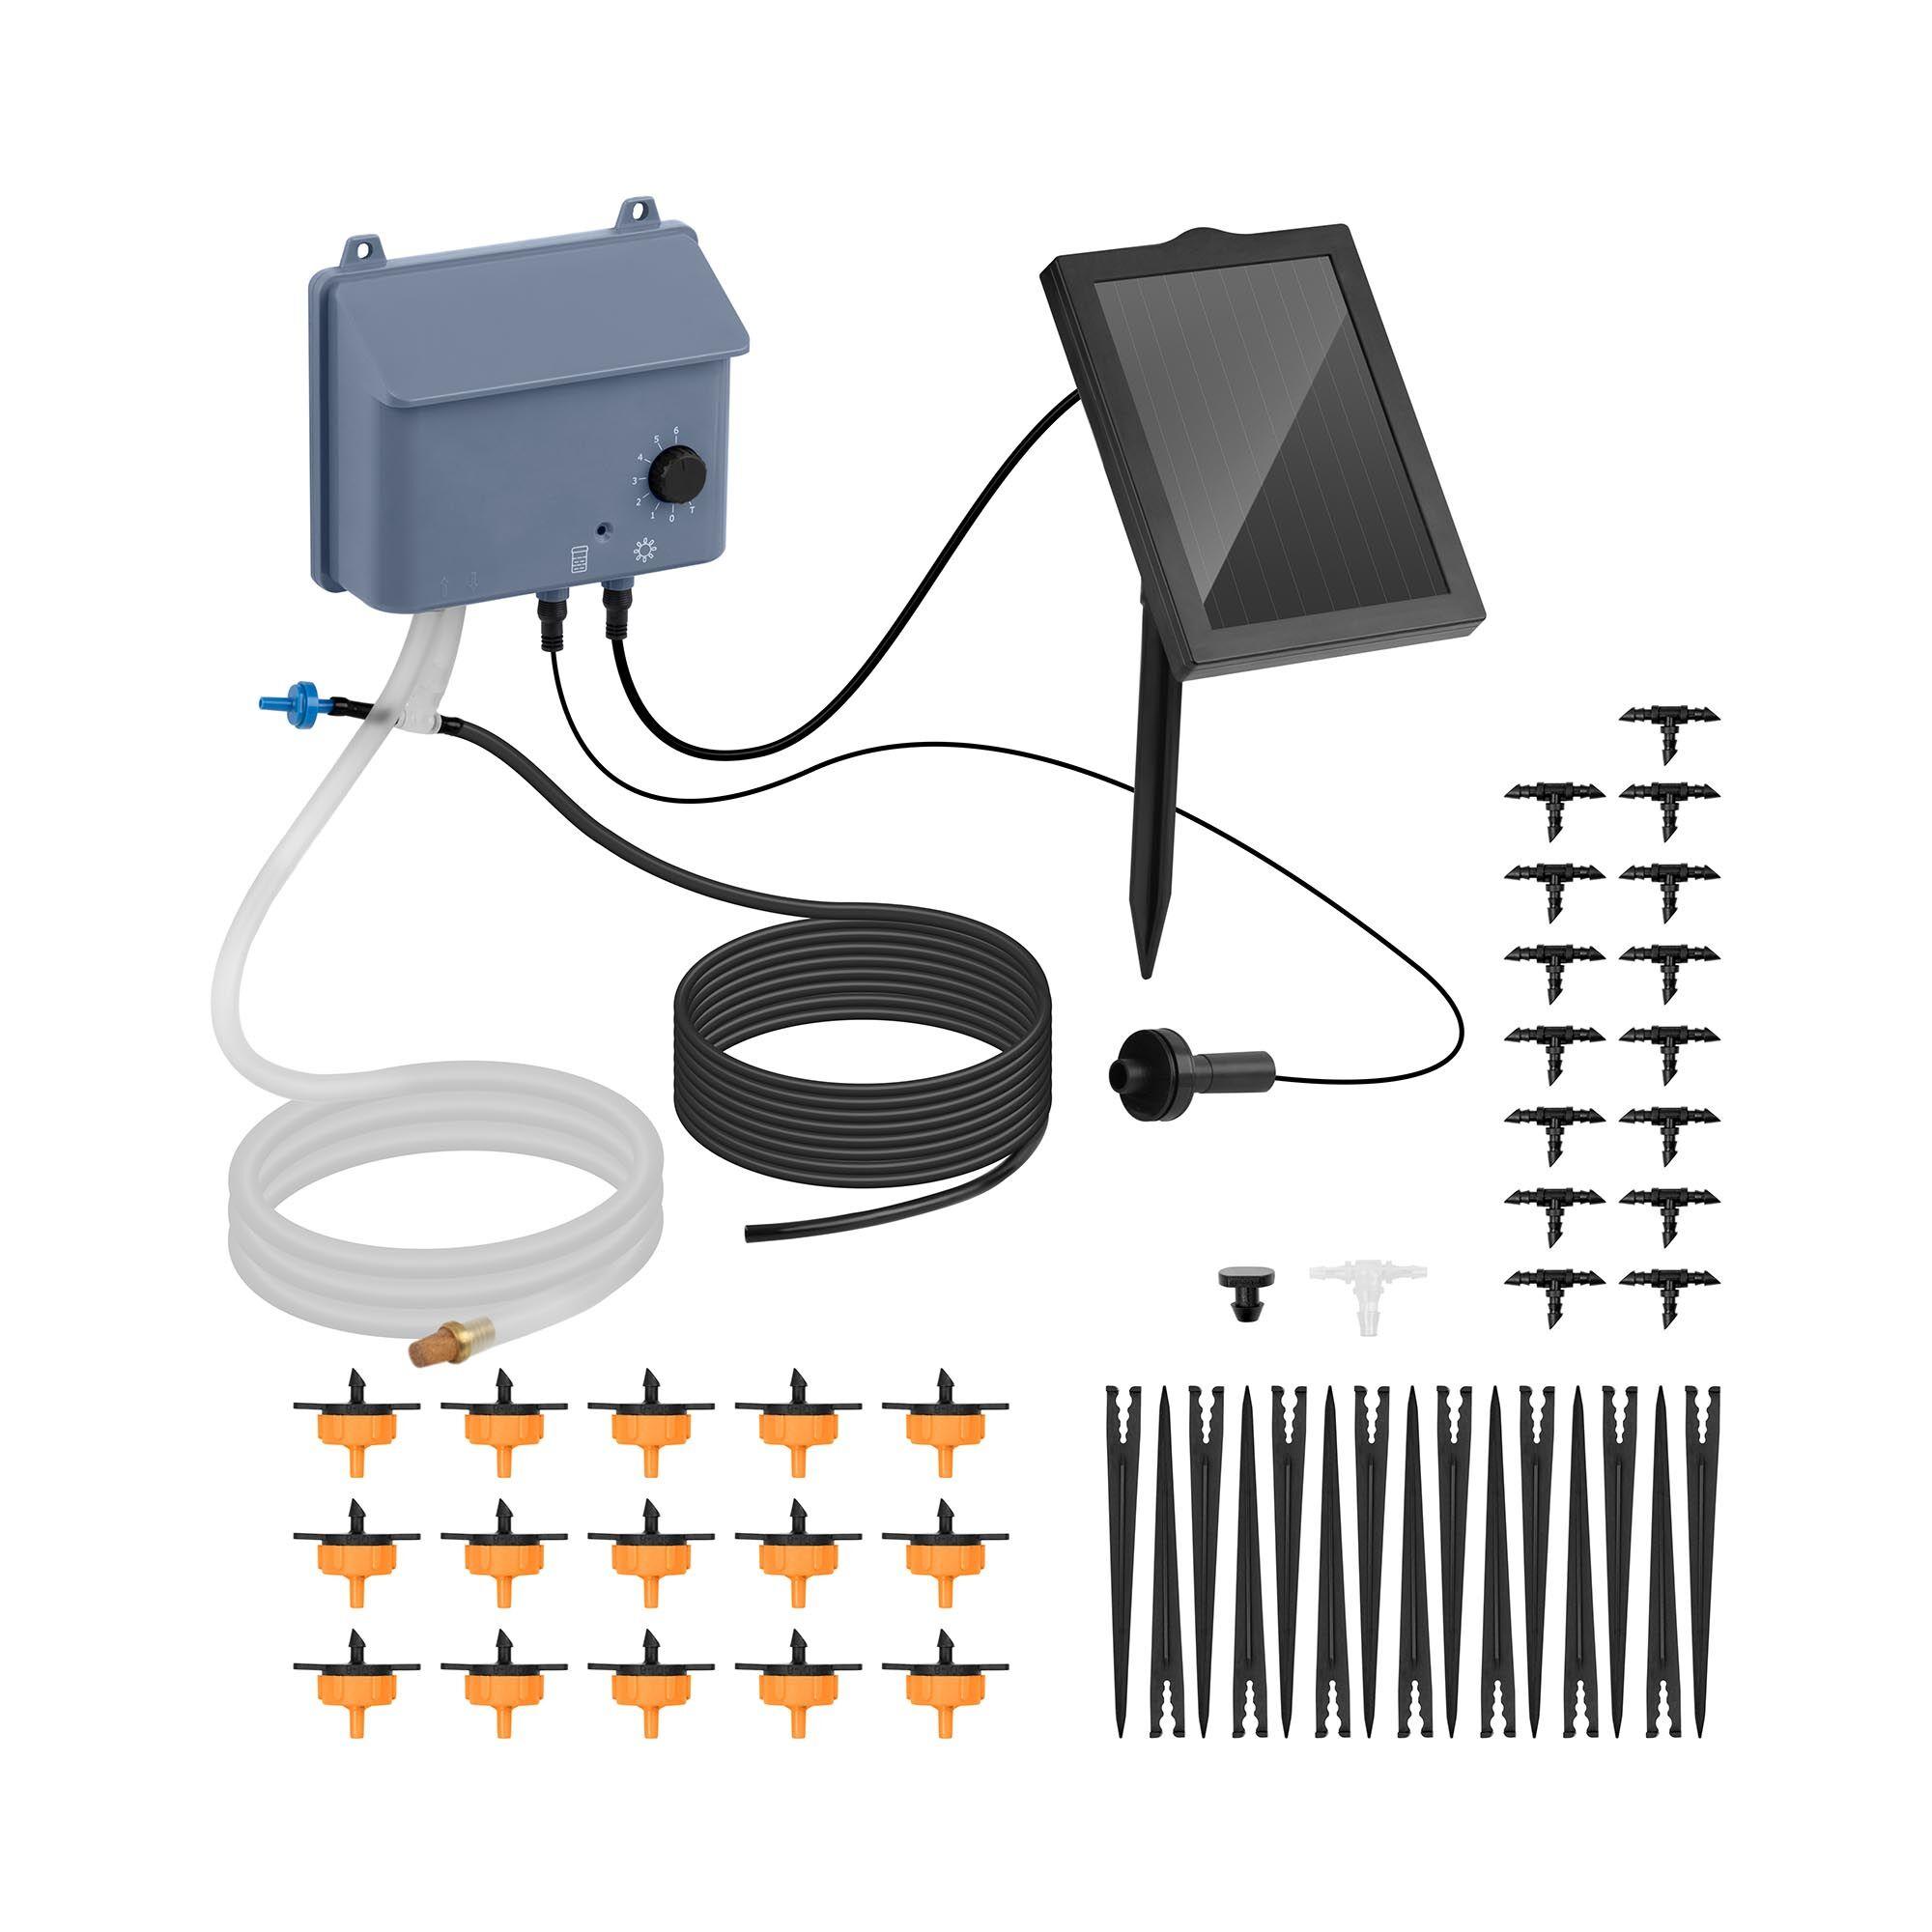 hillvert kit irrigazione solare - 0,7 w / 6 v - 1.200mah - 0,45 w - 600 ml/min ht-costigan-3600